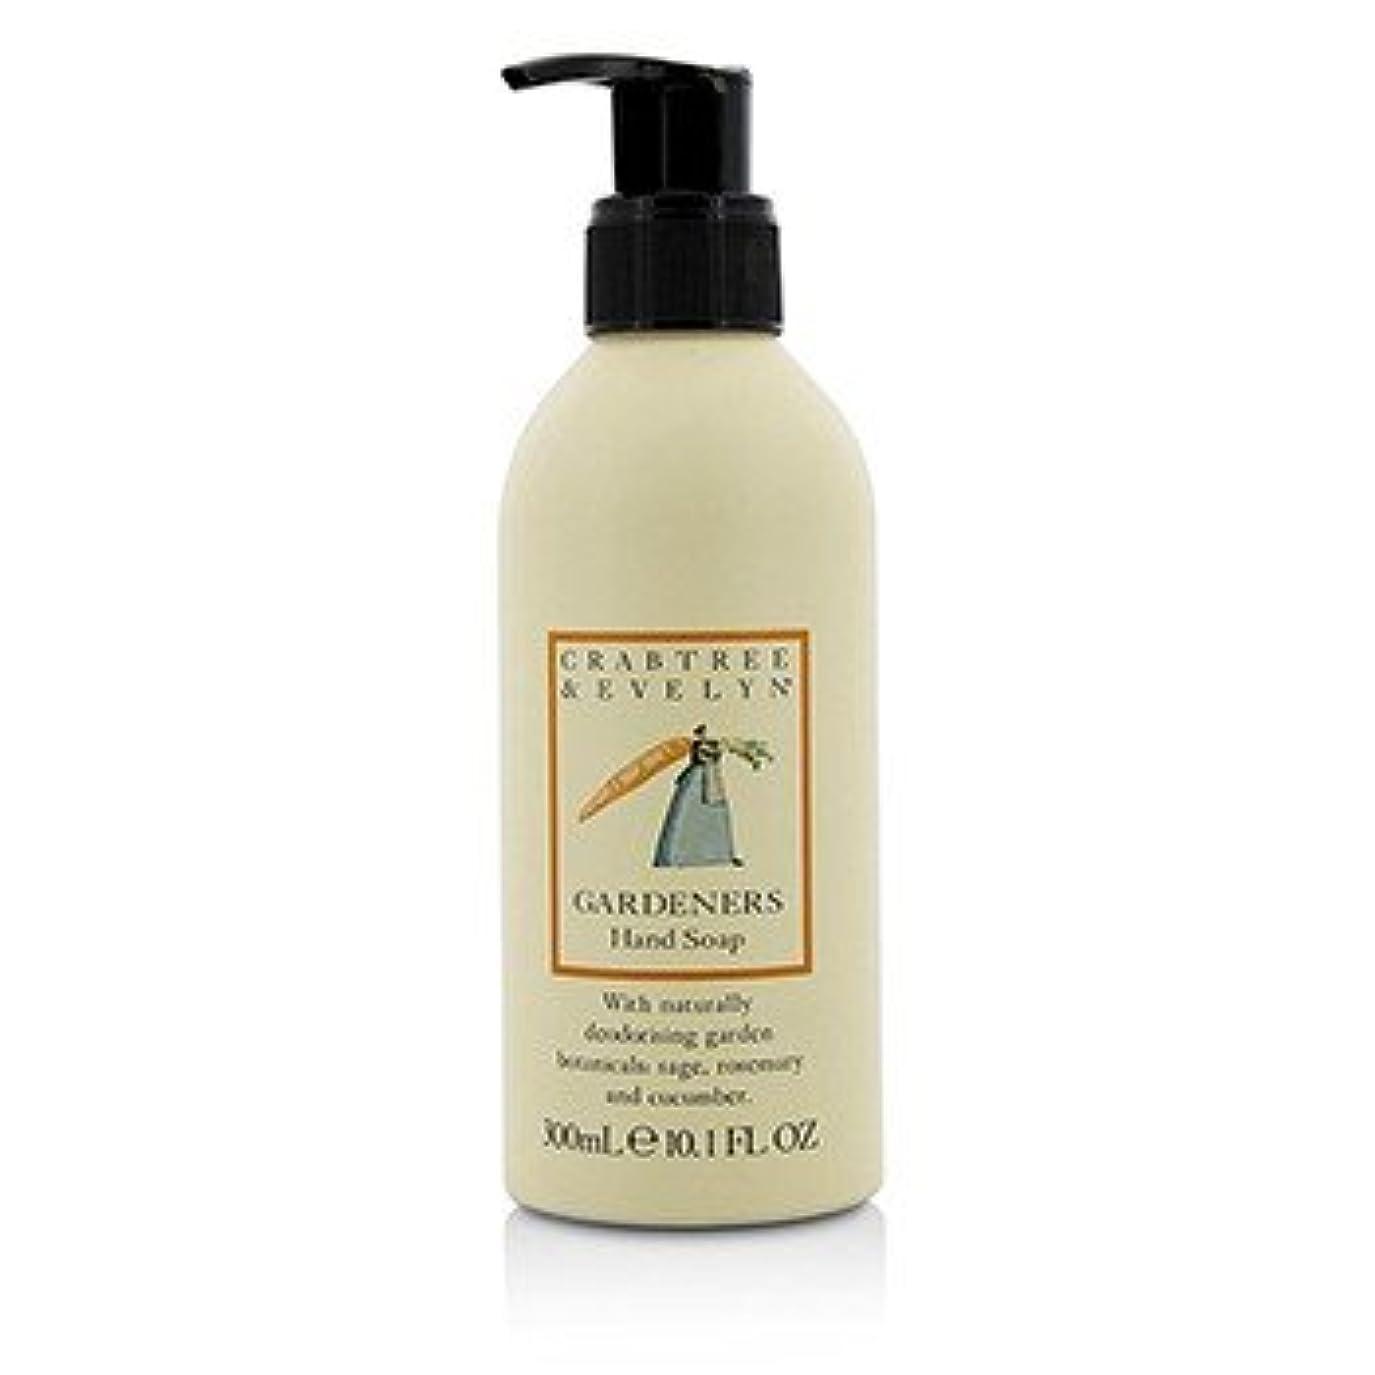 申請者分泌する漁師[Crabtree & Evelyn] Gardeners Hand Soap 300ml/10.1oz